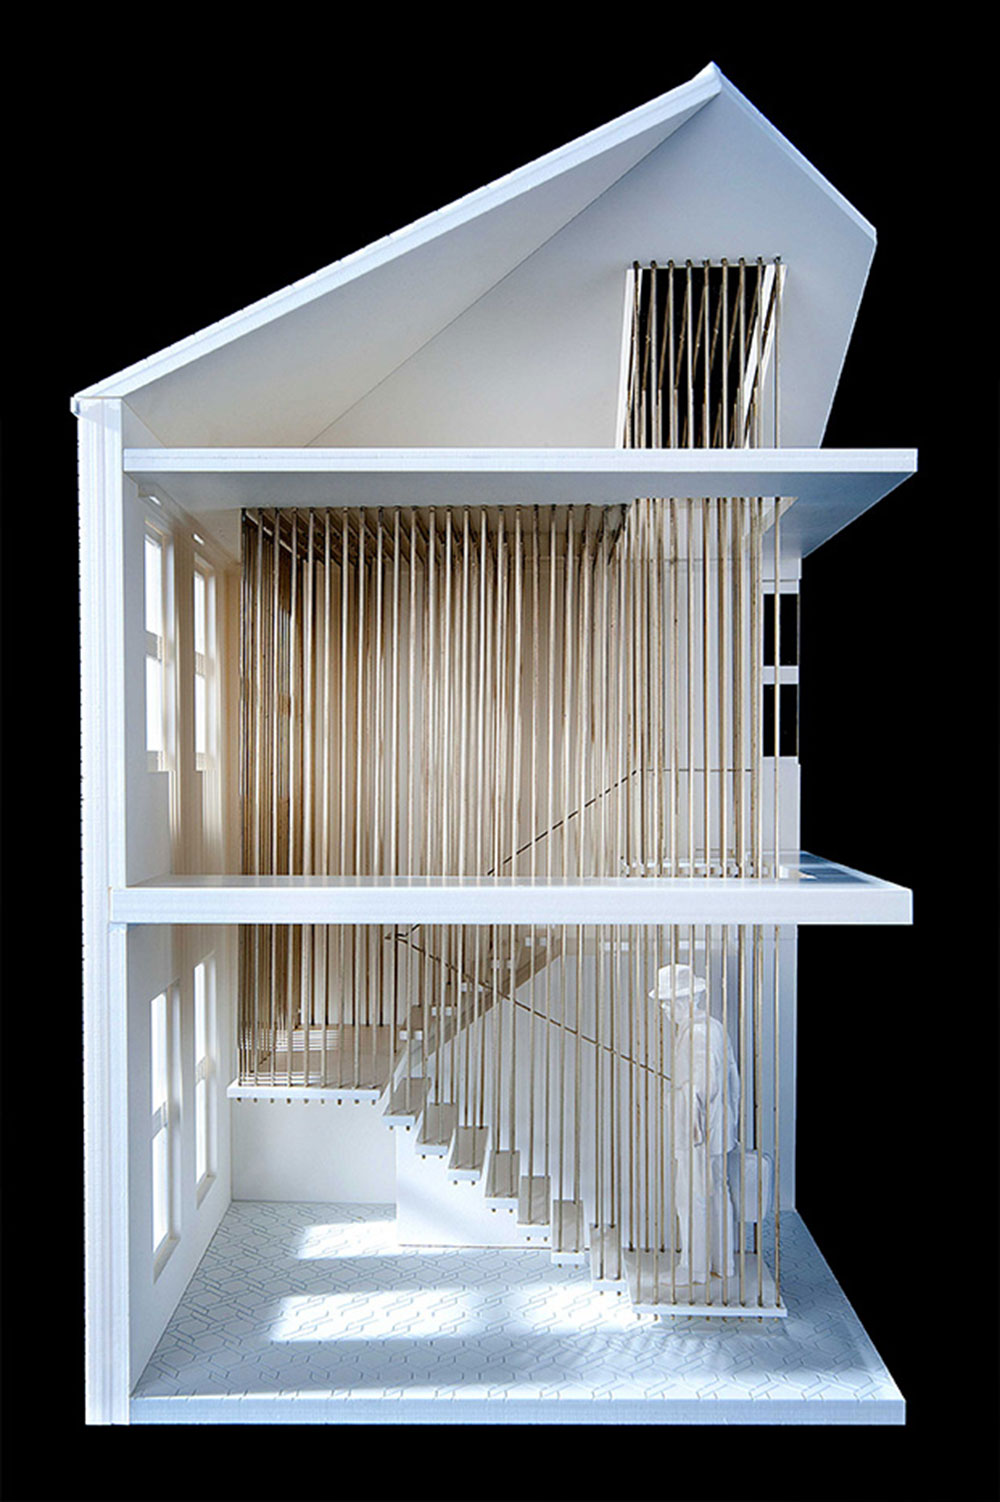 ch_staircase_sml.jpg